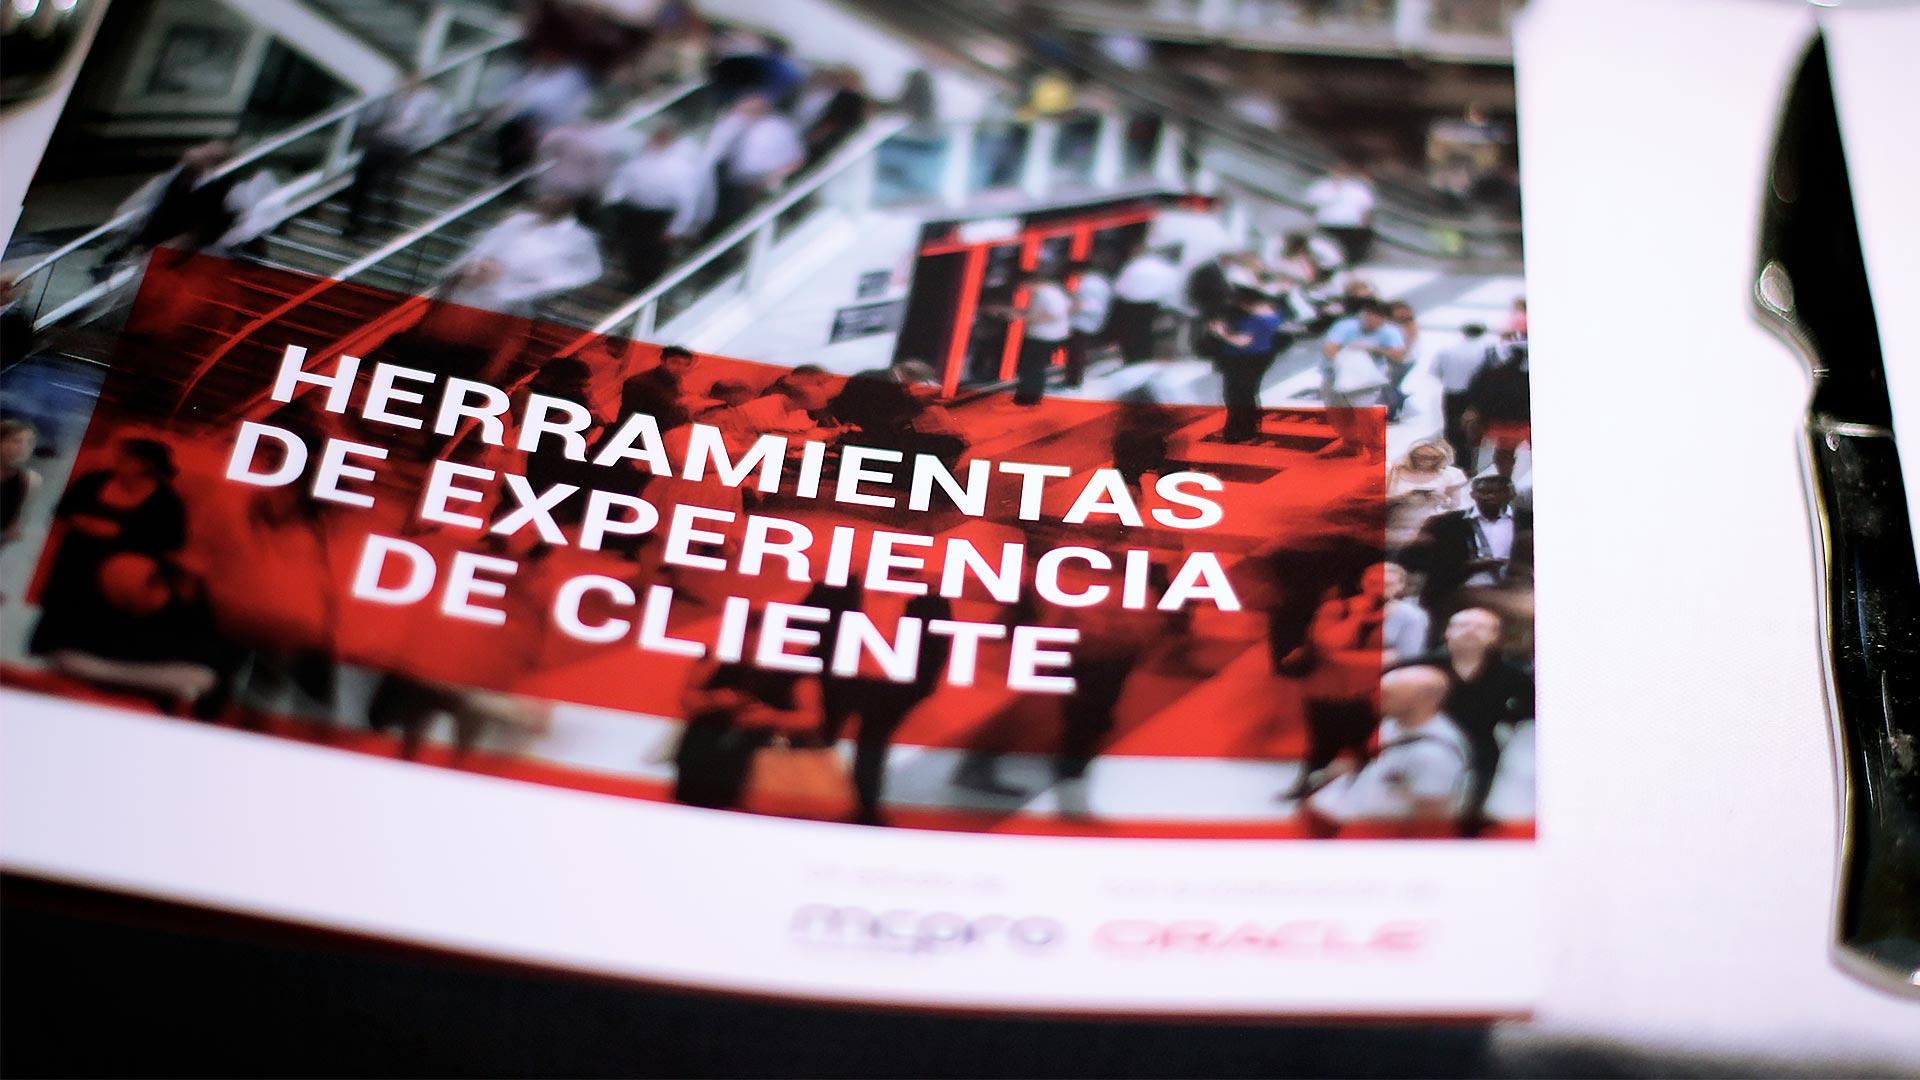 oracle_tpnet_evento_debate_mesa_redonda_informe_herramientas_experiencia_cliente_24